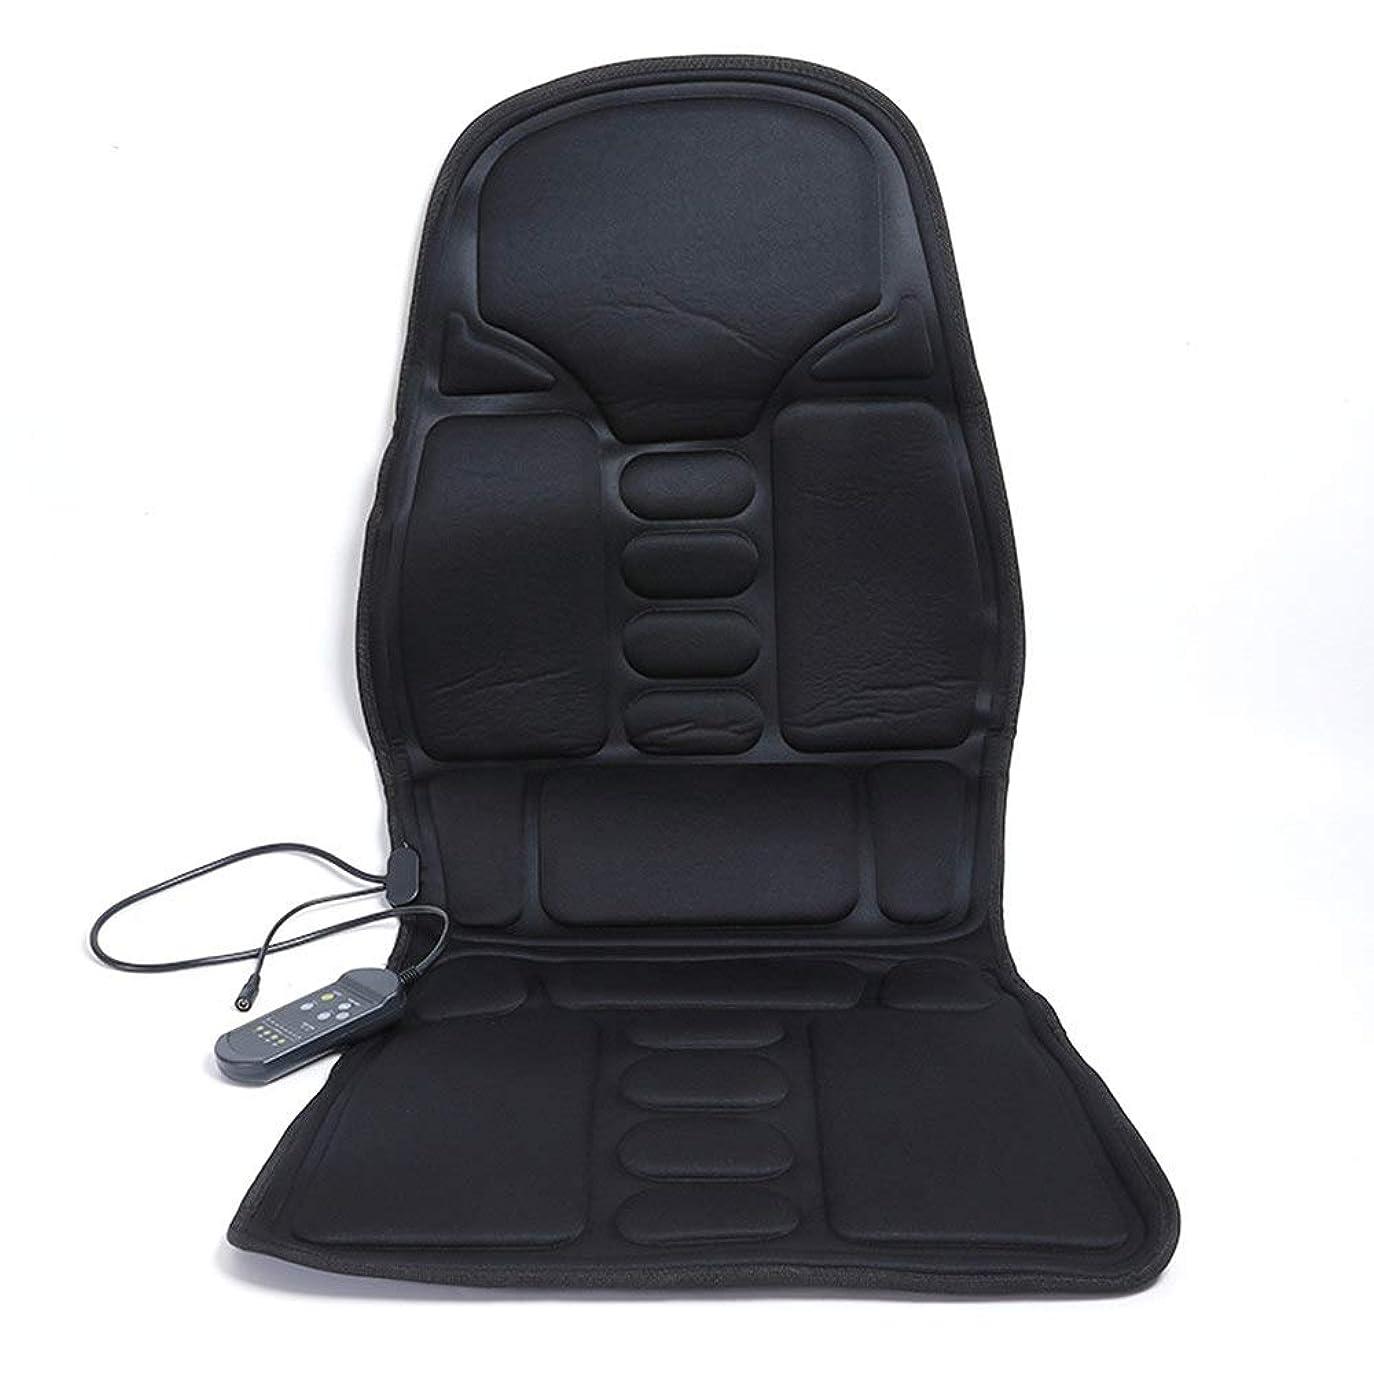 経験クライストチャーチパンツ車の座席のマッサージャー、椅子のマッサージャー、背中のためのストレスと疲労を和らげるための熱、振動と加熱療法で背中のマッサージャー椅子パッドクッション